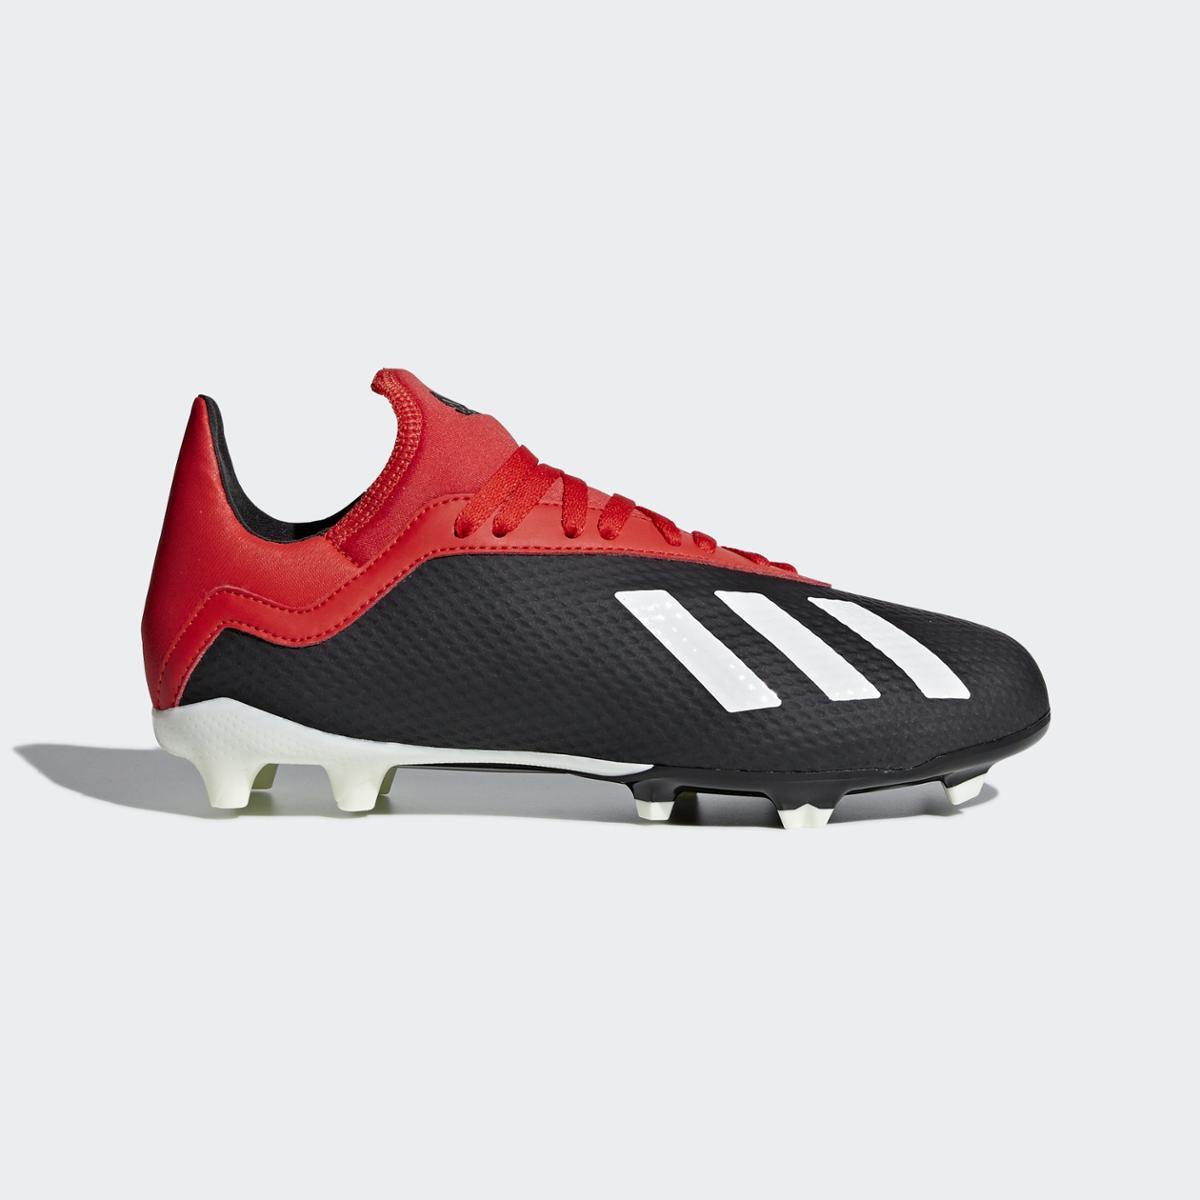 c512af86715 Chuteira Campo Adidas X 18 3 Fg Infantil .